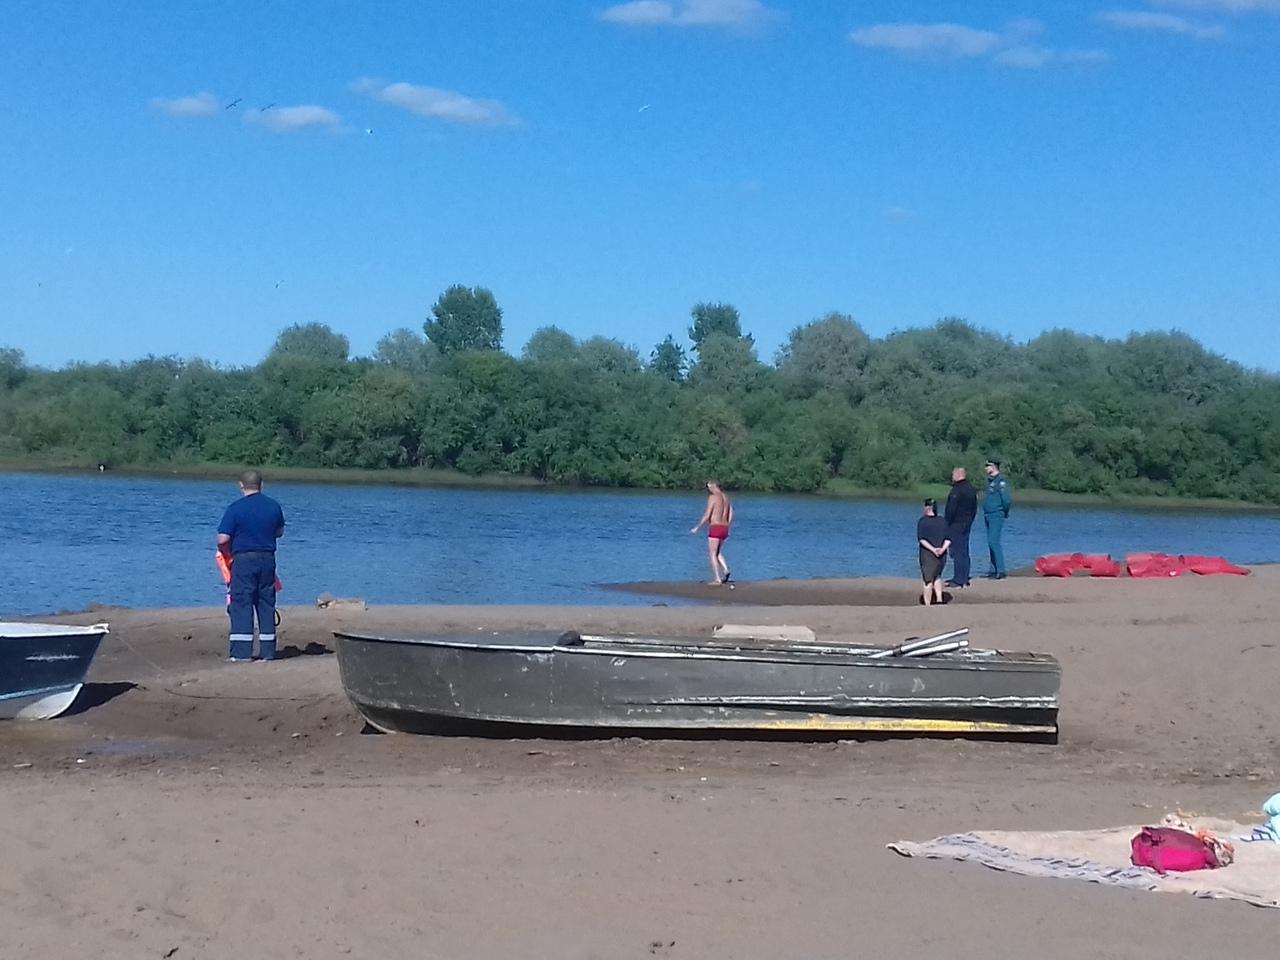 В Кирово-Чепецке на городском пляже утонул ребенок